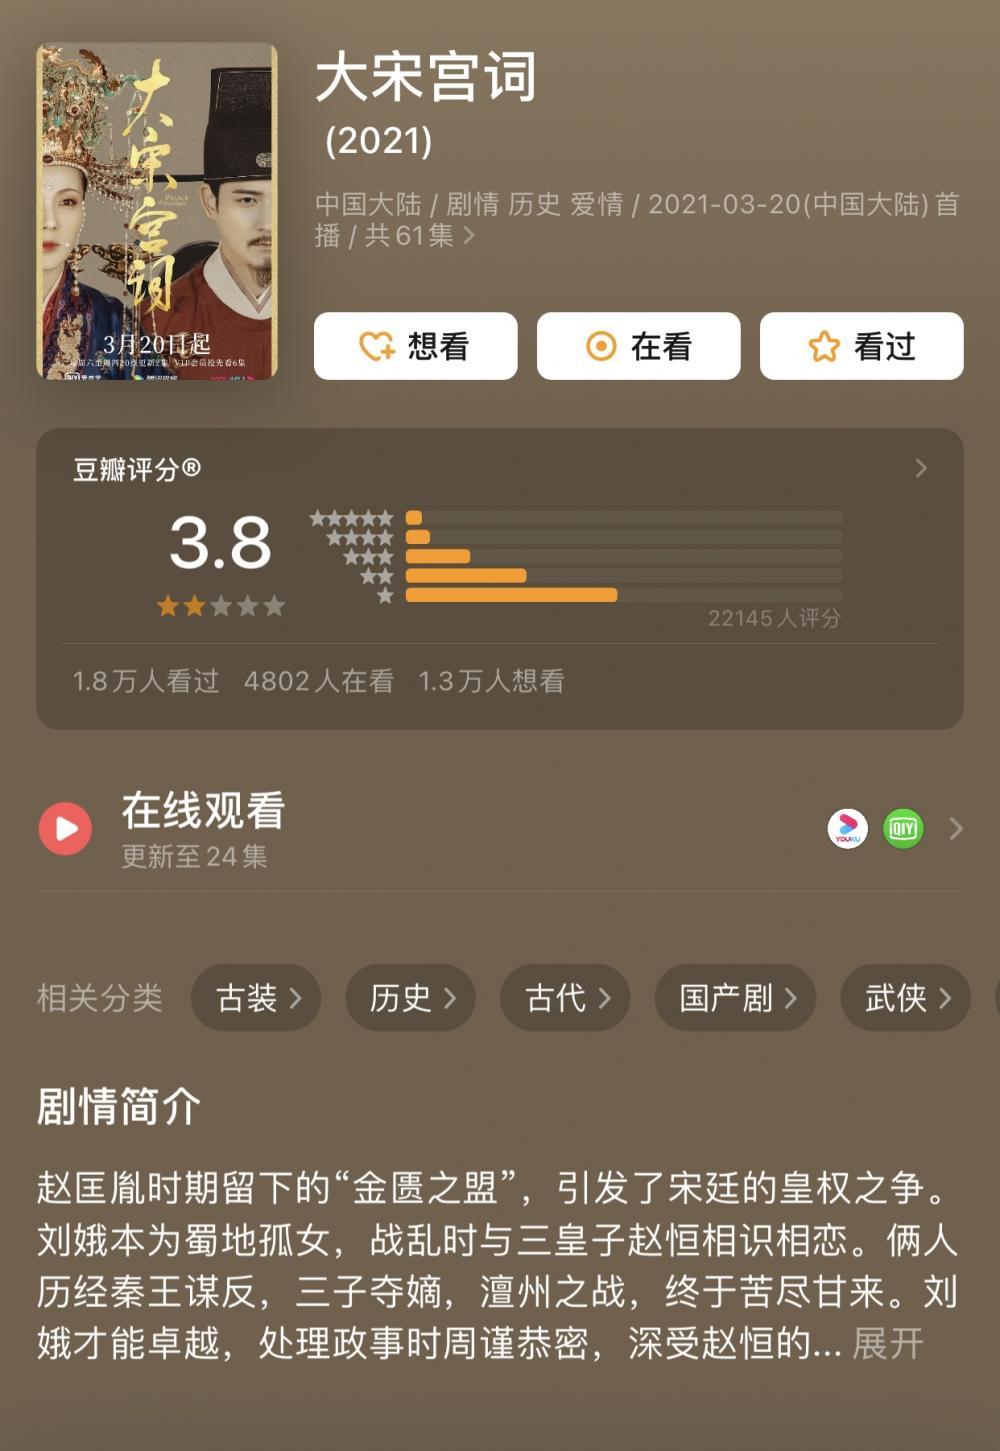 《大宋宫词》评分暴跌,李少红回应:没蹭《大明宫词》热度,欢迎网友挑刺